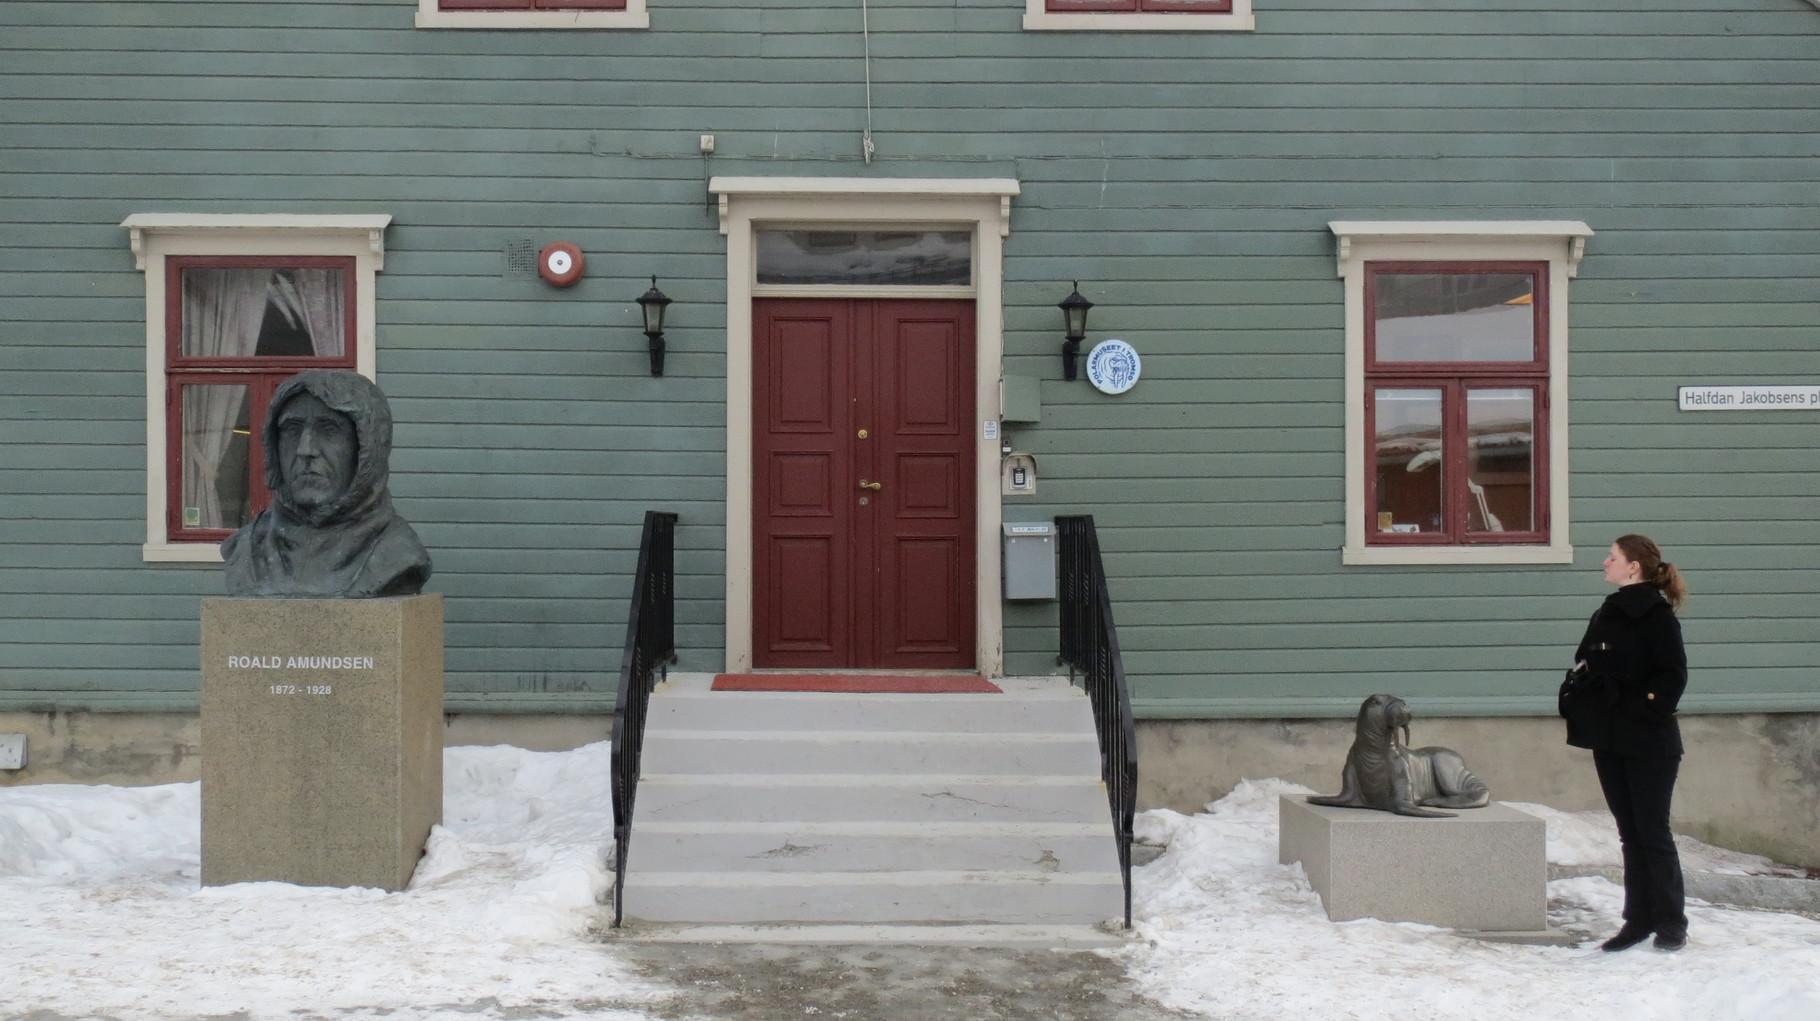 ... also noch ein Salut vor Amundsen und dem Denkmal der unbekannten Robbe und nichts wie los.